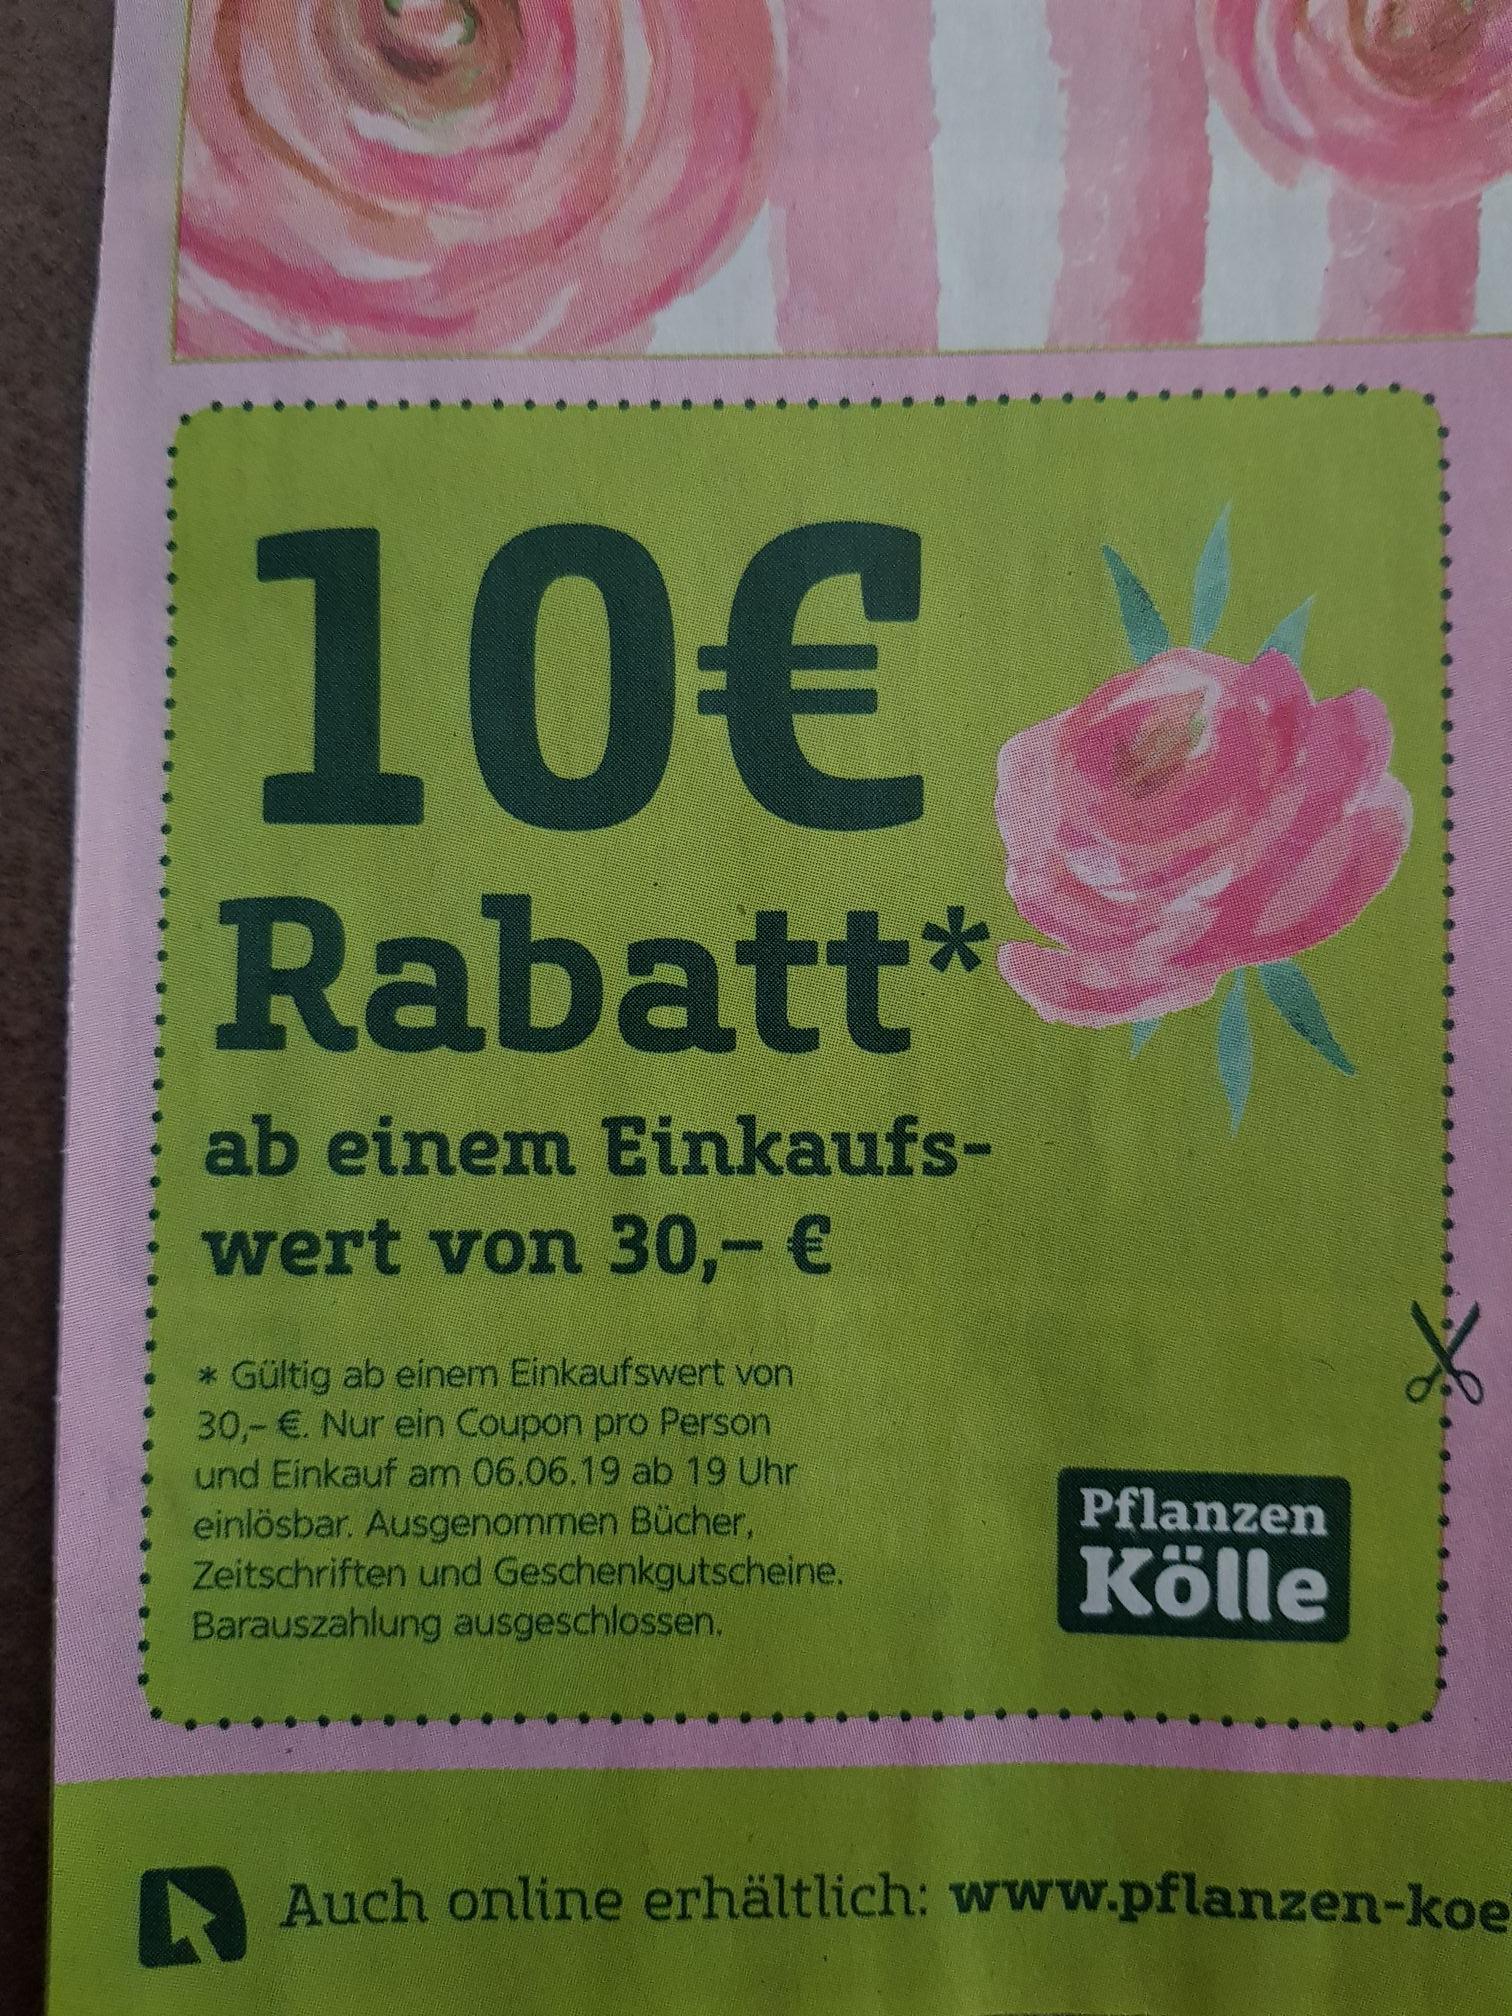 10 Euro Rabatt ab 30 Euro [lokal - Pflanzen Kölle]